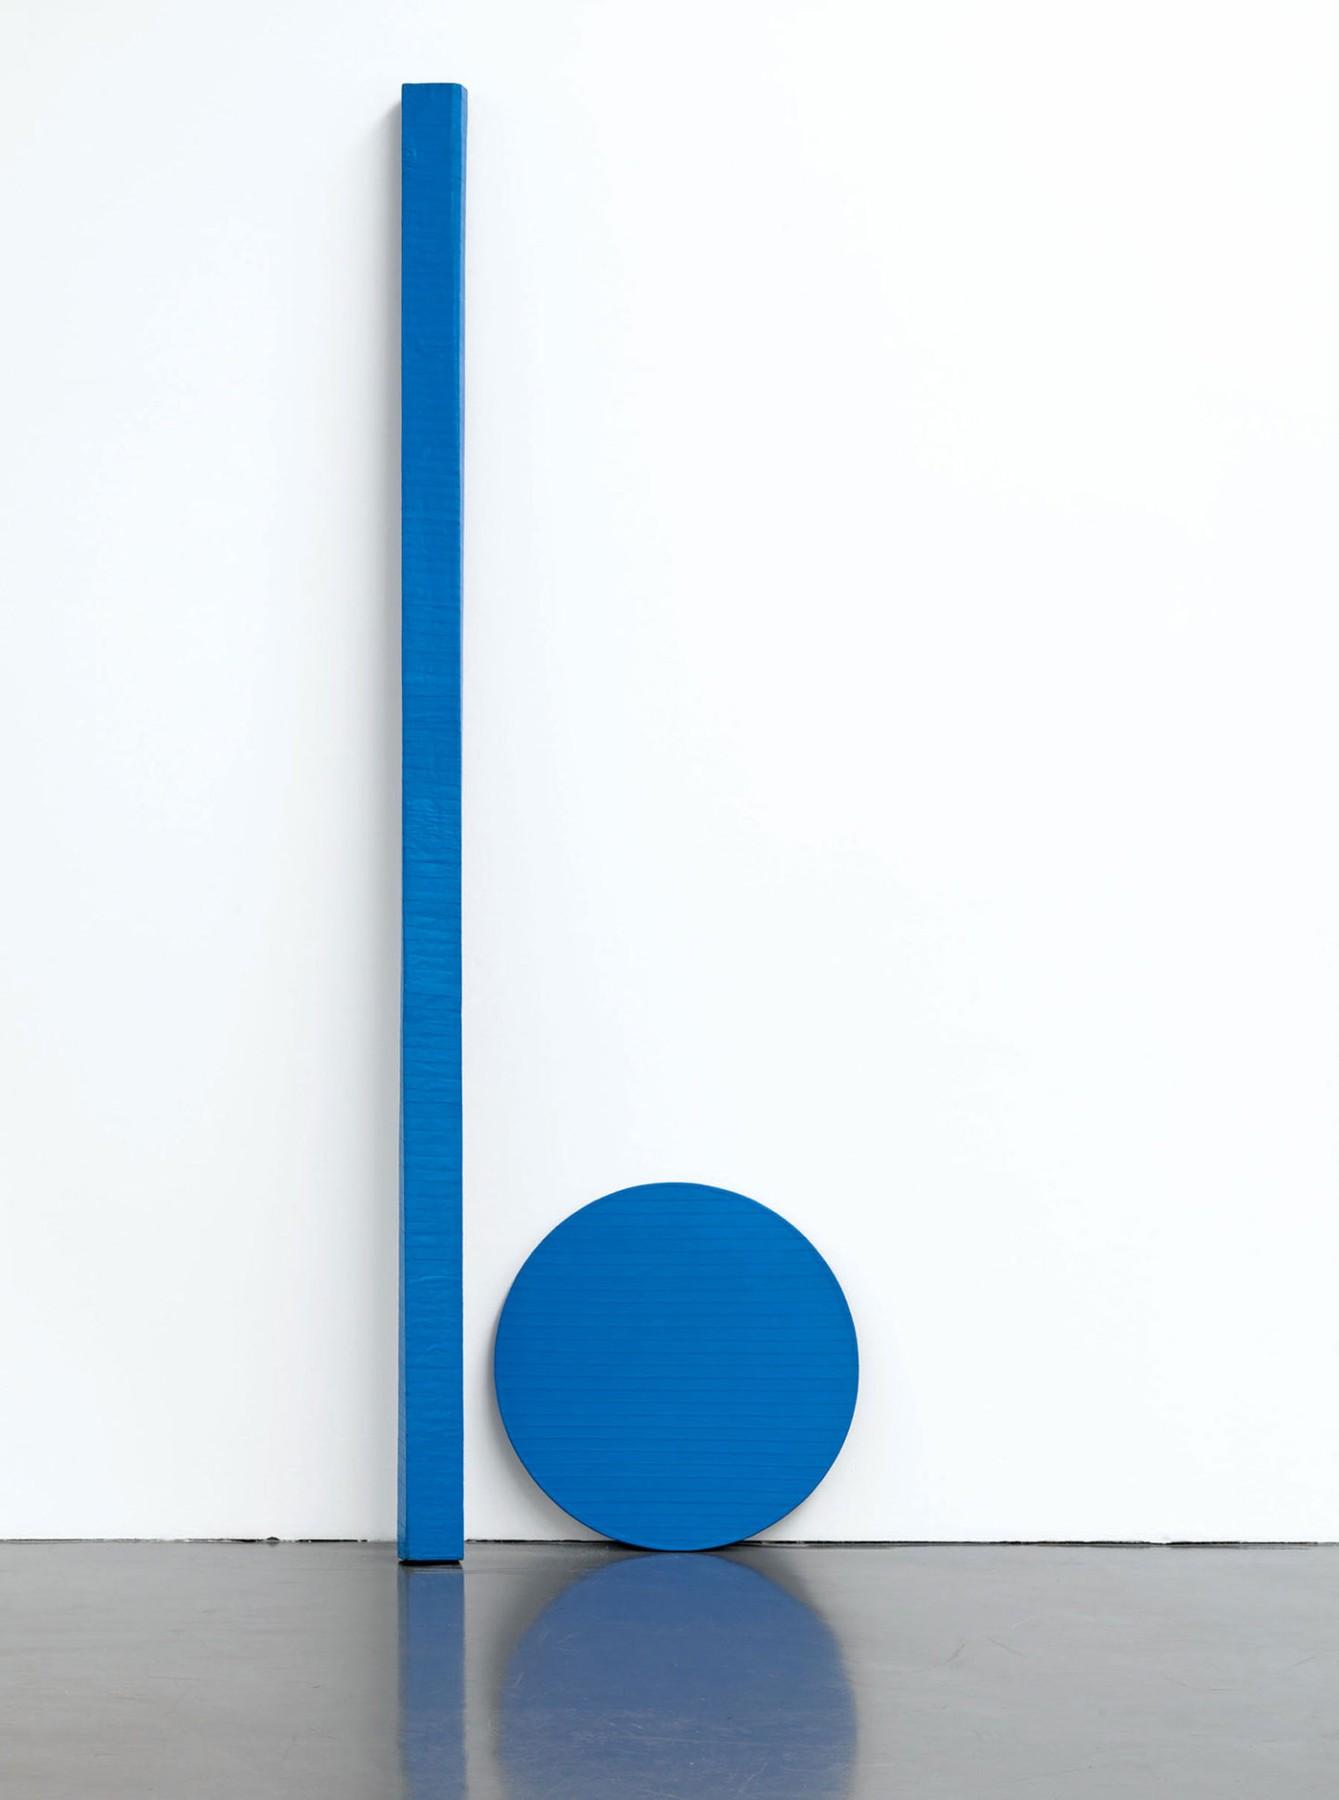 Blinky Palermo, Blaue Scheibe und Stab (1968)